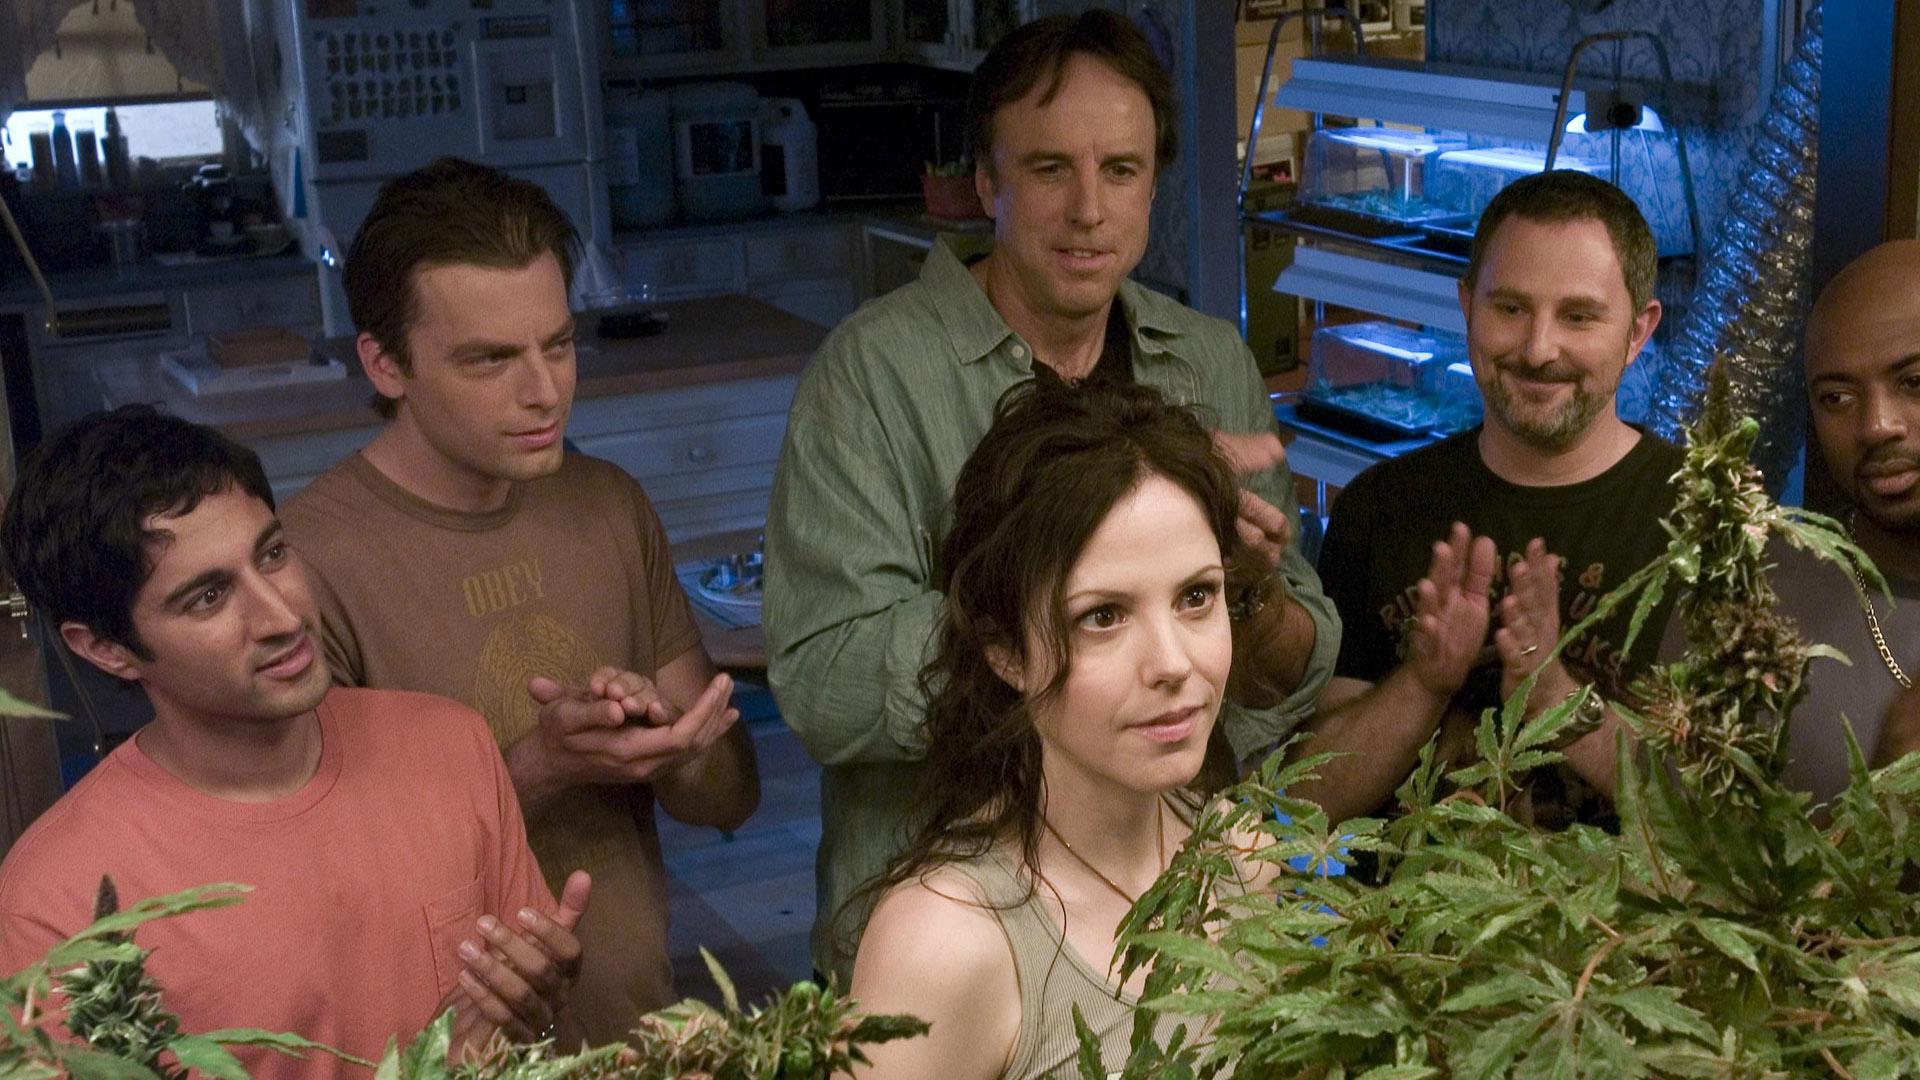 watch weeds season 1 online free